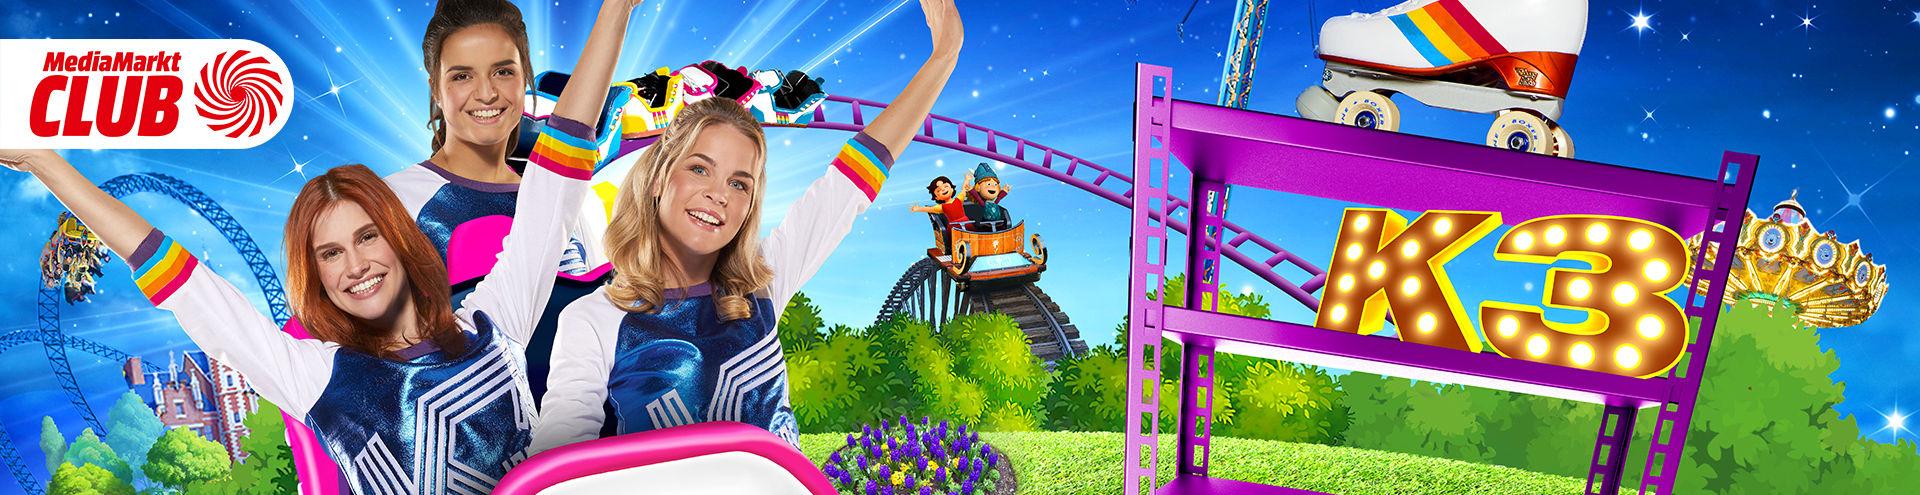 Plopsaland De Panne voor 15 euro (of 5 euro voor kinderen) op 22 september (via mediamarkt)